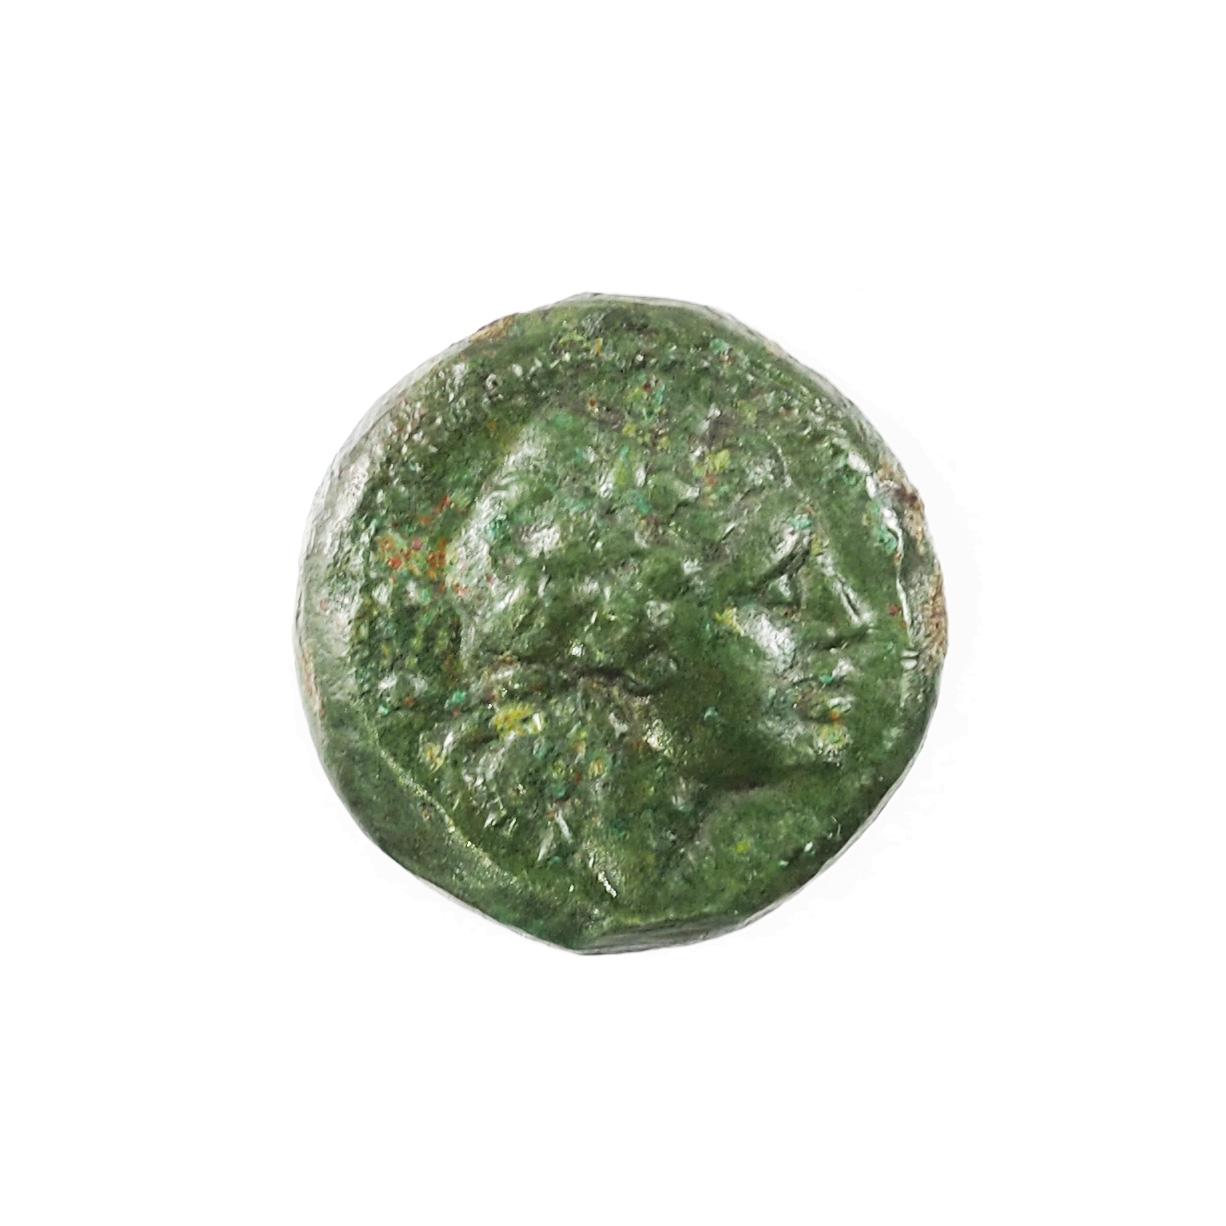 Bruttium, Petelia, Sextans, 214-204 Avant J.-C., SNG ANS 614